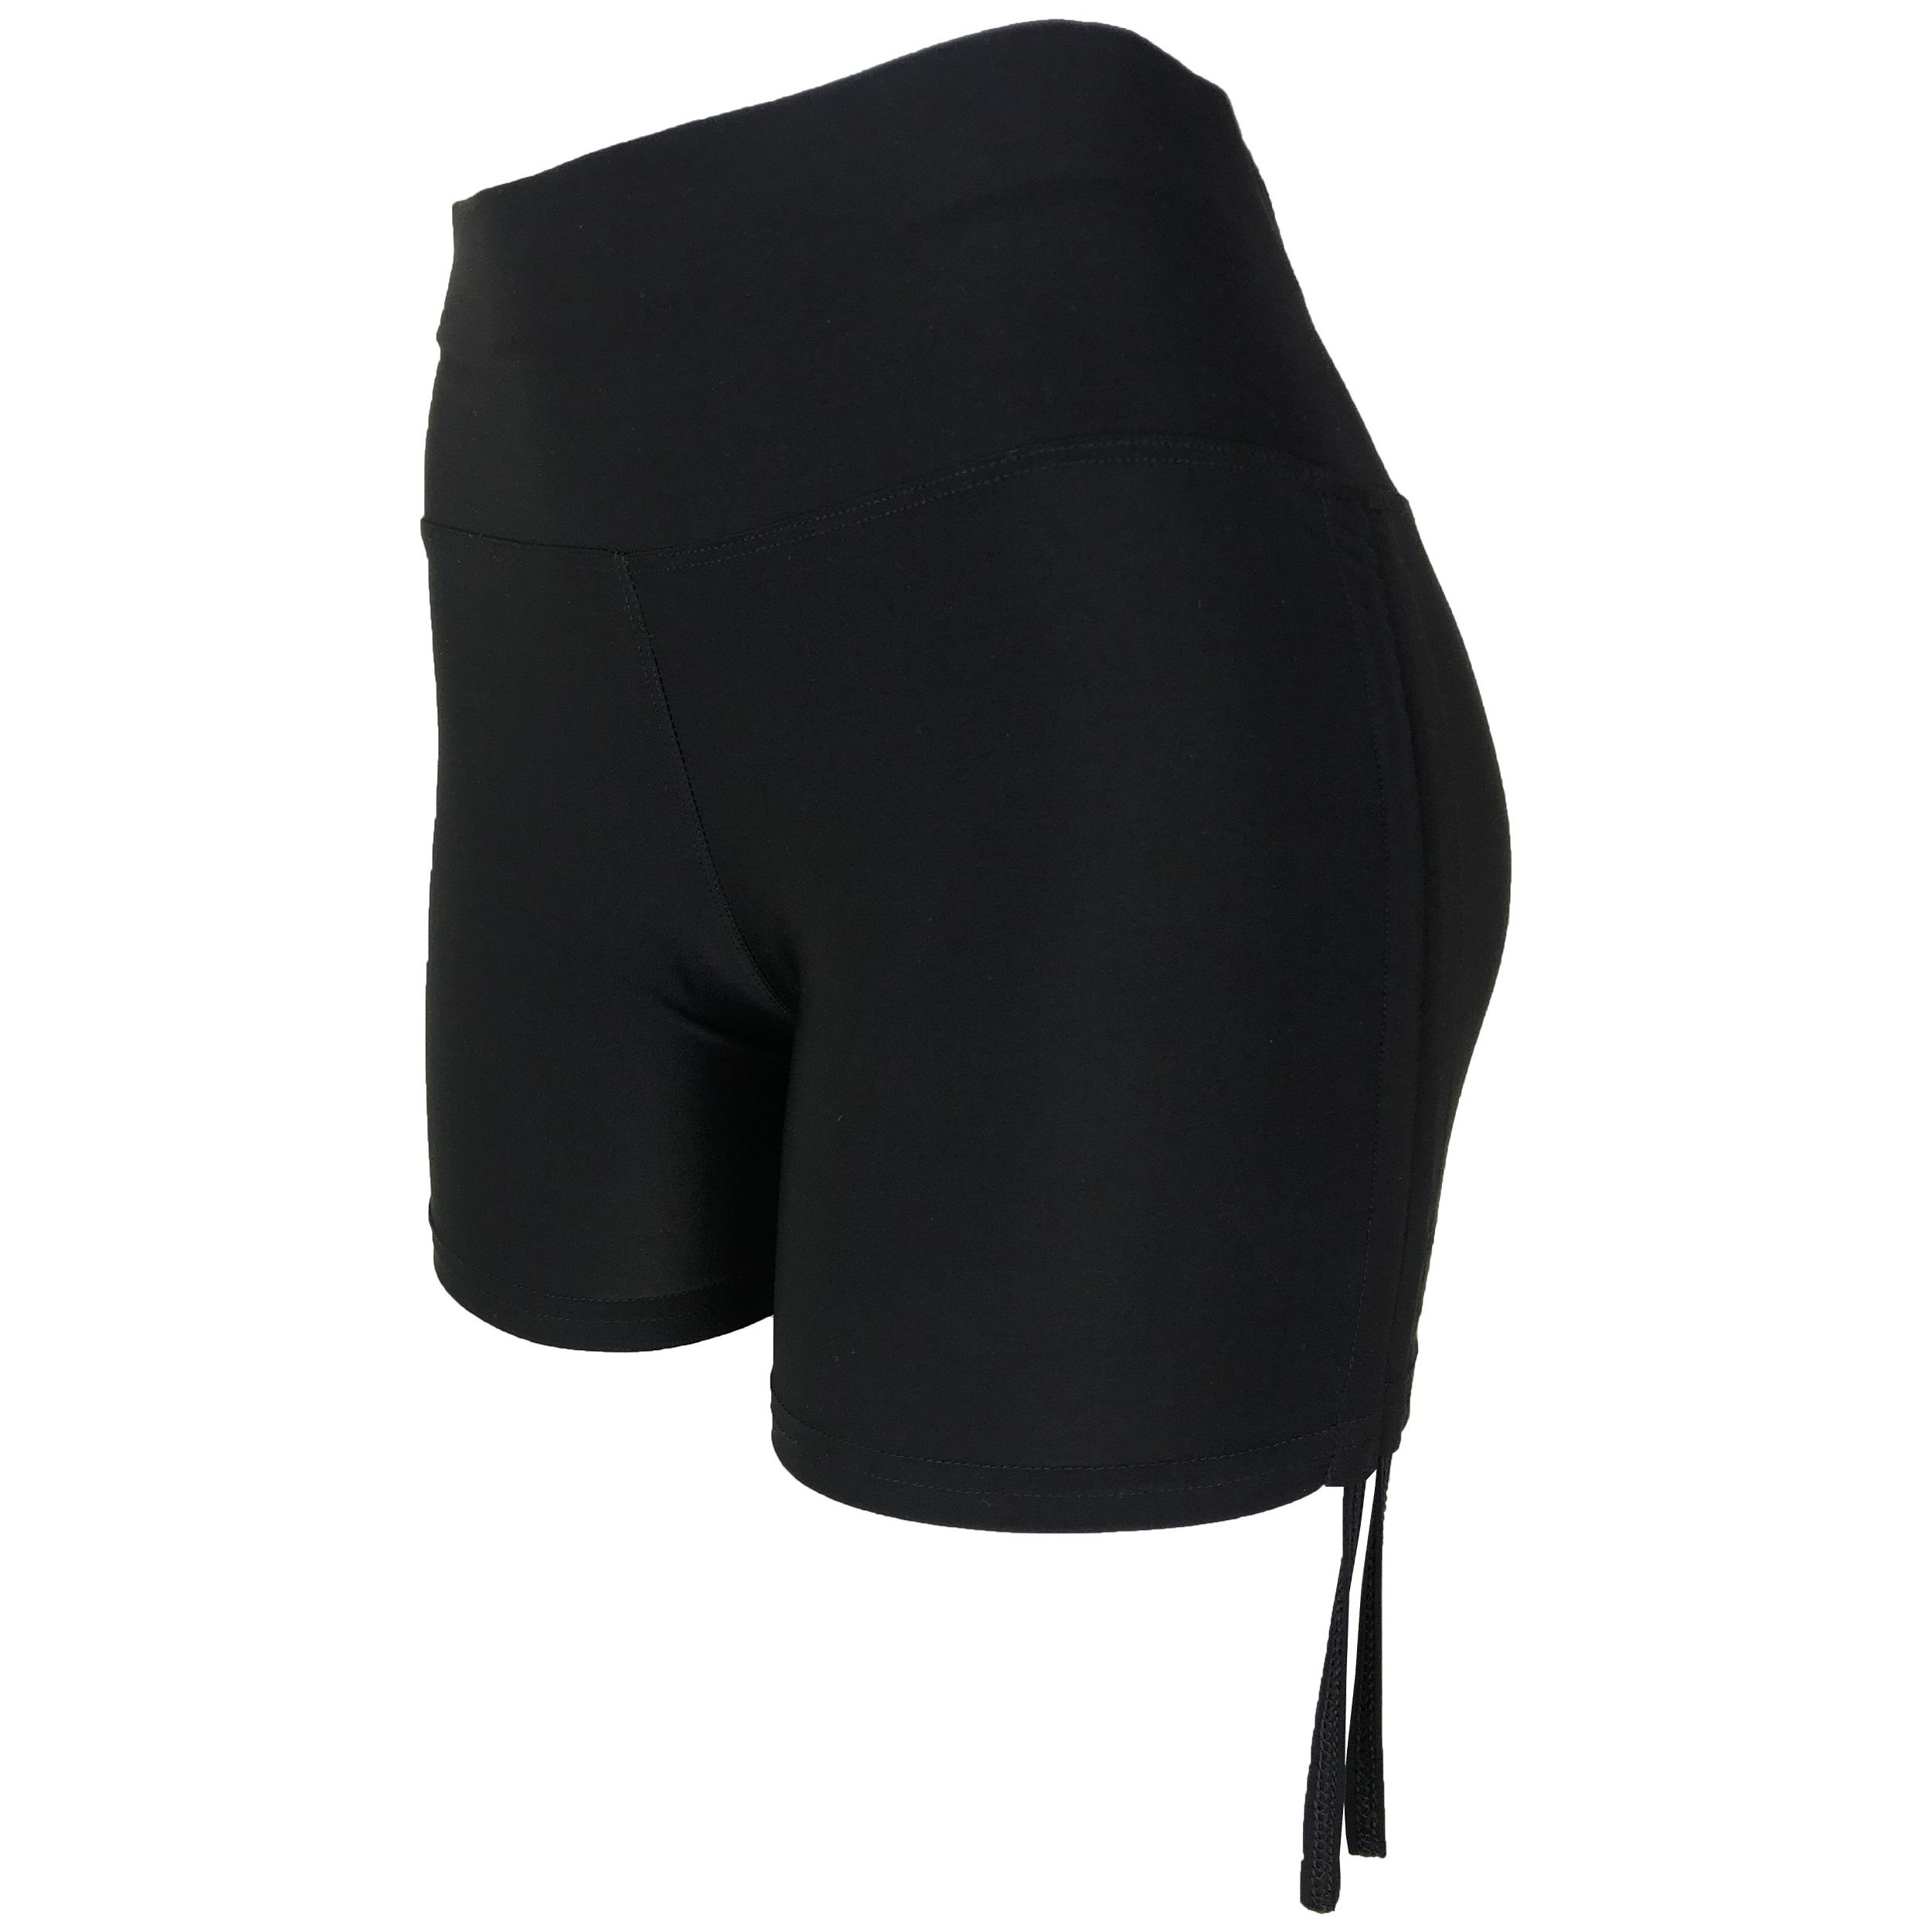 ست 3 تکه لباس ورزشی زنانه کد LG-511 main 1 7